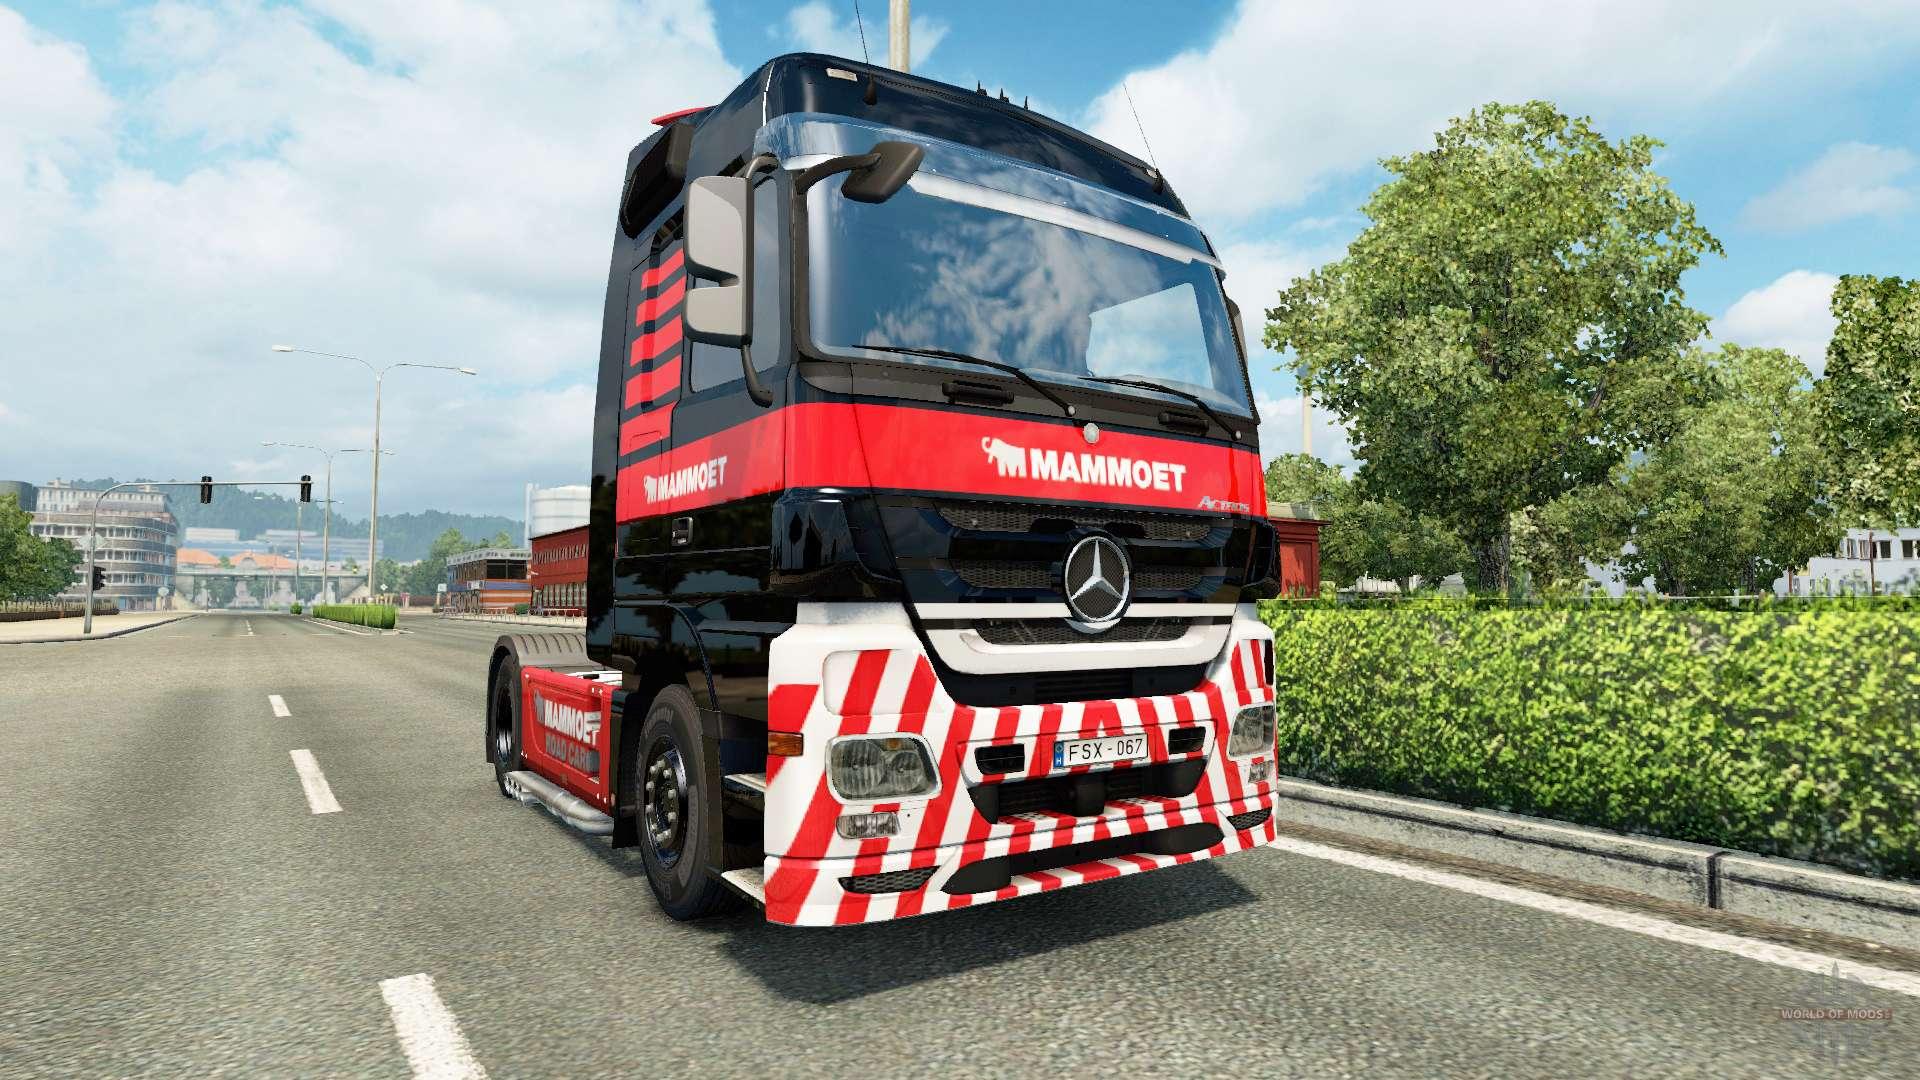 Euro Truck Simulator 2 pour Windows. La célèbre simulation de conduite se met à la page française. Les amateurs du genre connaissent tous Euro Truck Simulator 2, la simulation où vous incarnez un chauffeur de poids lourd dont la mission consiste à parcourir les villes européennes avec...